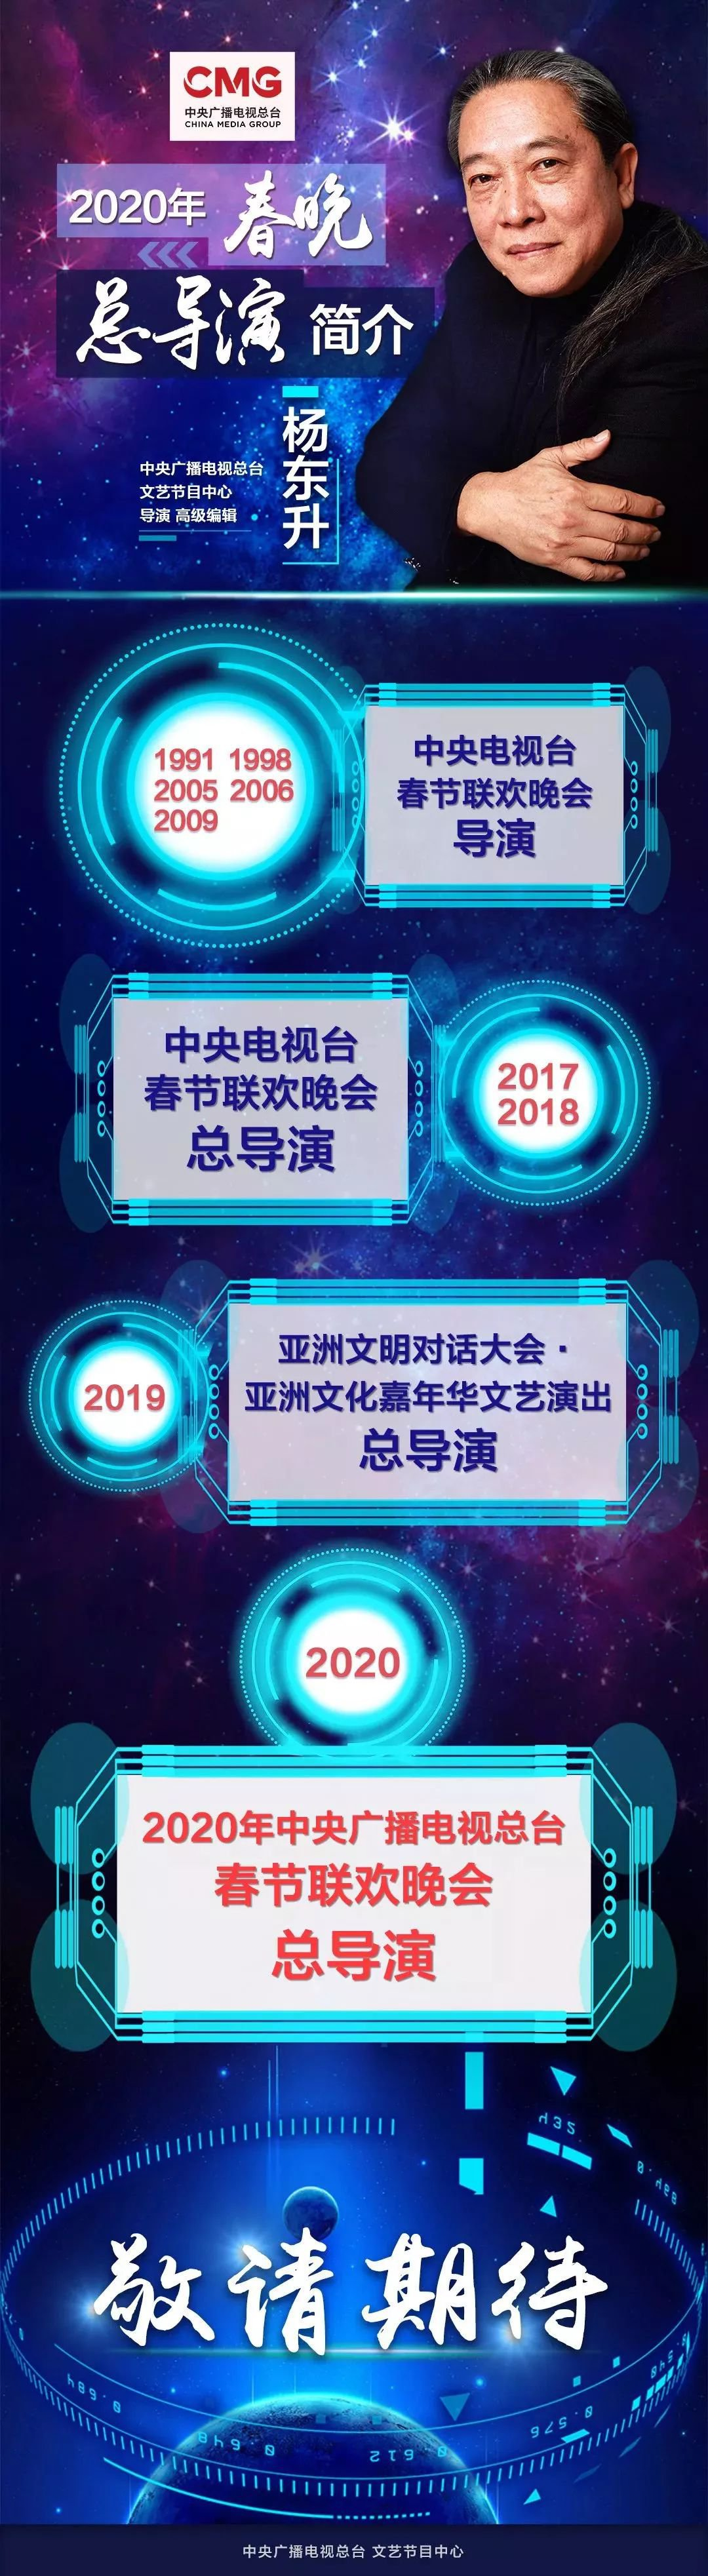 2020年央视春晚最新消息:总导演确定啦!